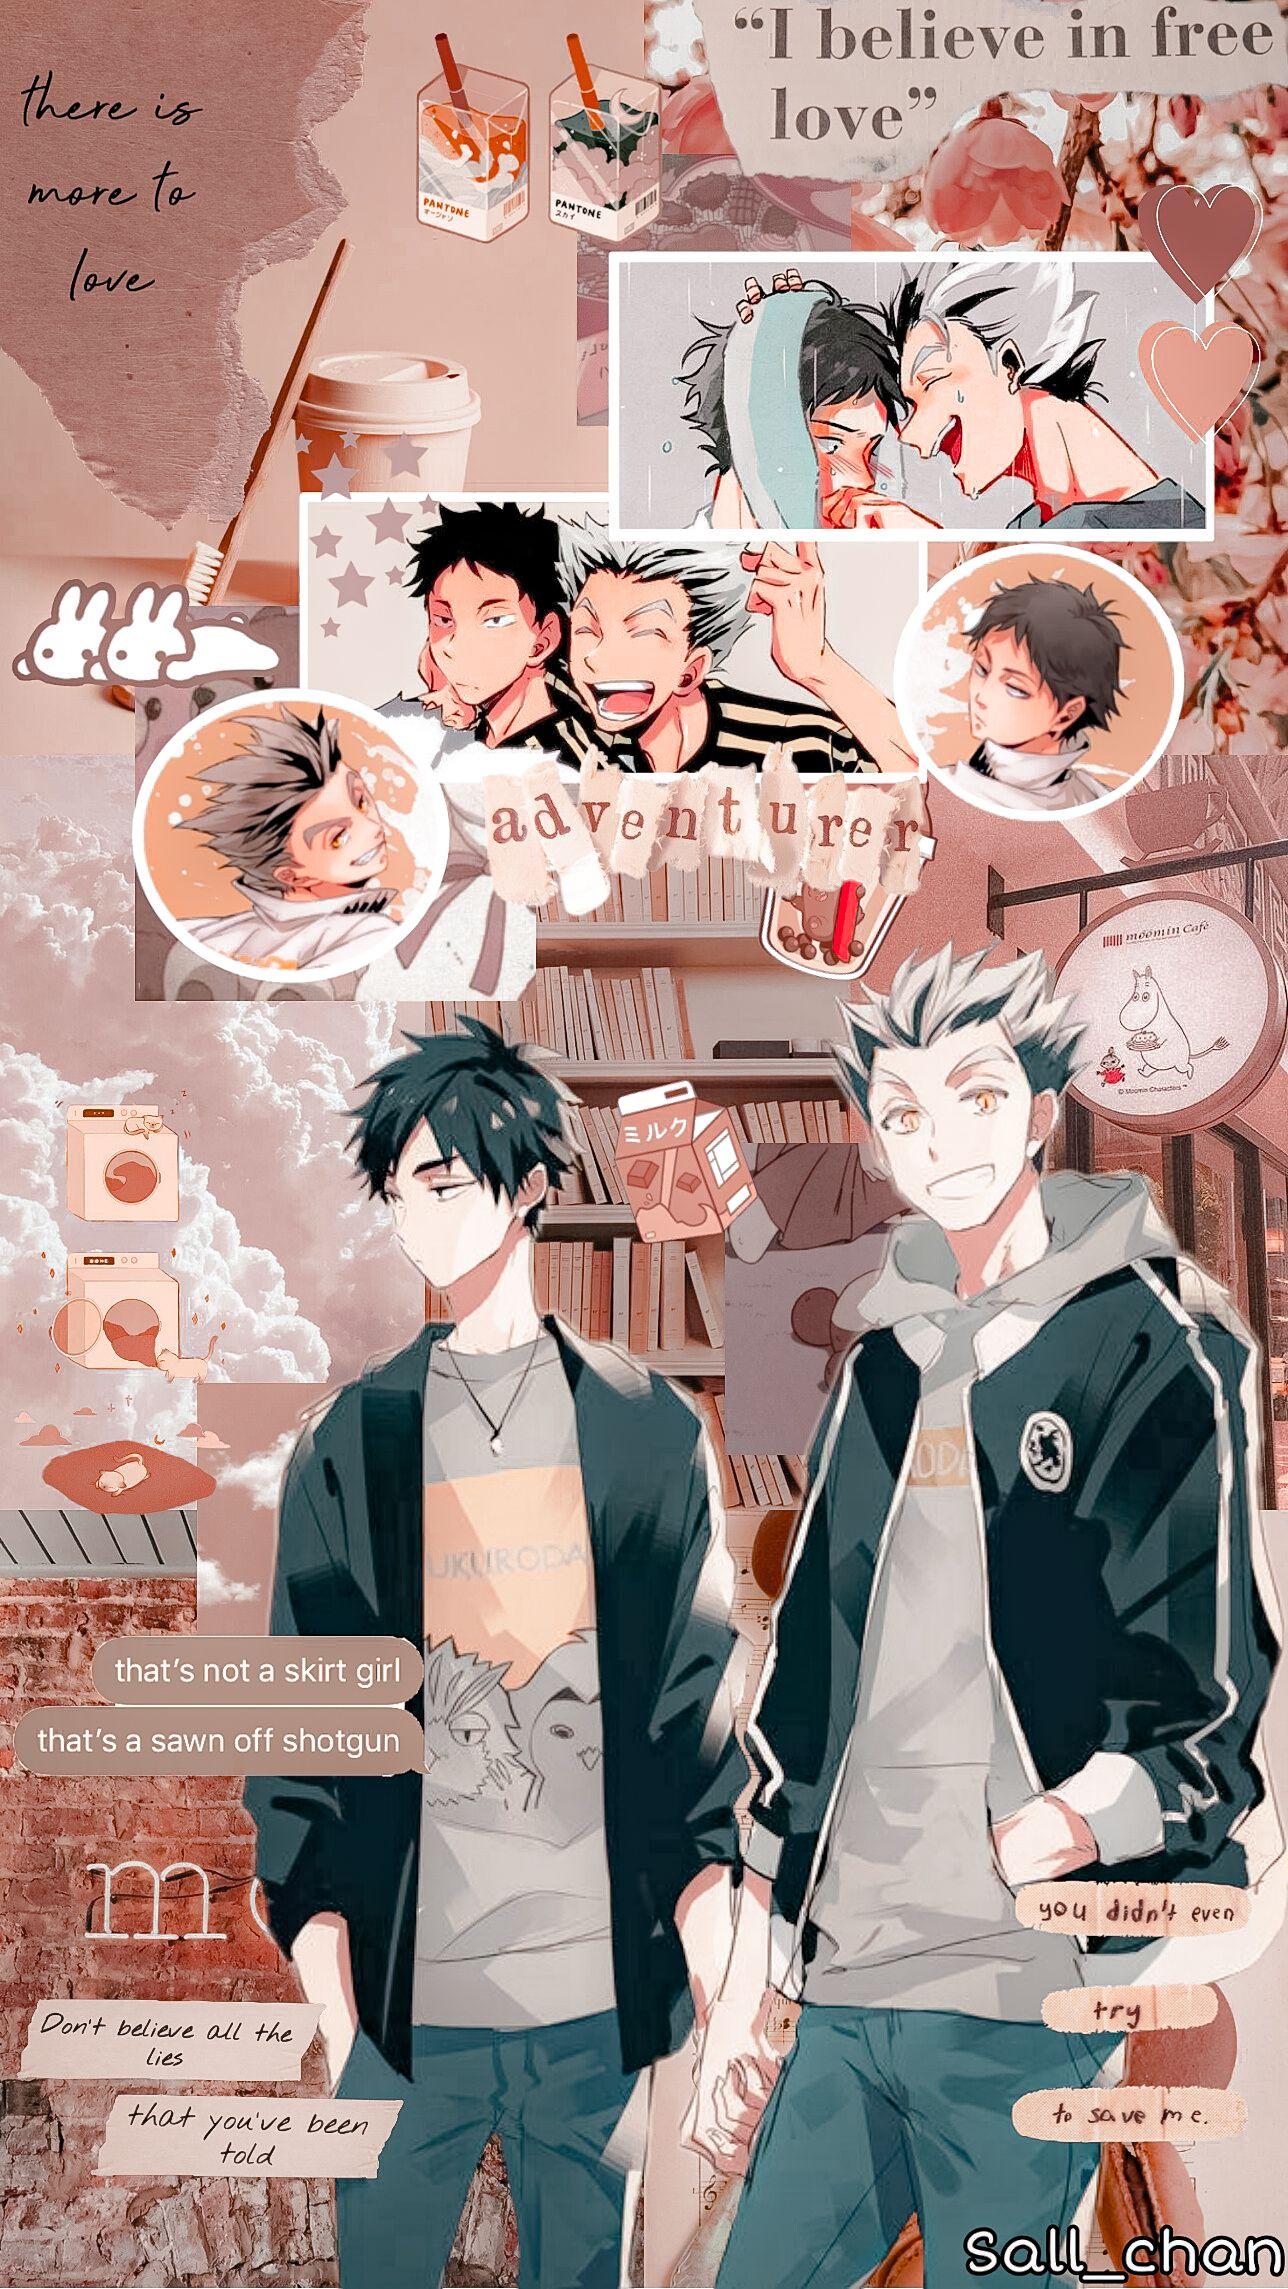 Anime Wallpaper Bokuaka Haikyuu Aesthetic Wallpaper In 2020 Haikyuu Anime Anime Wallpaper Iphone Aesthetic Anime